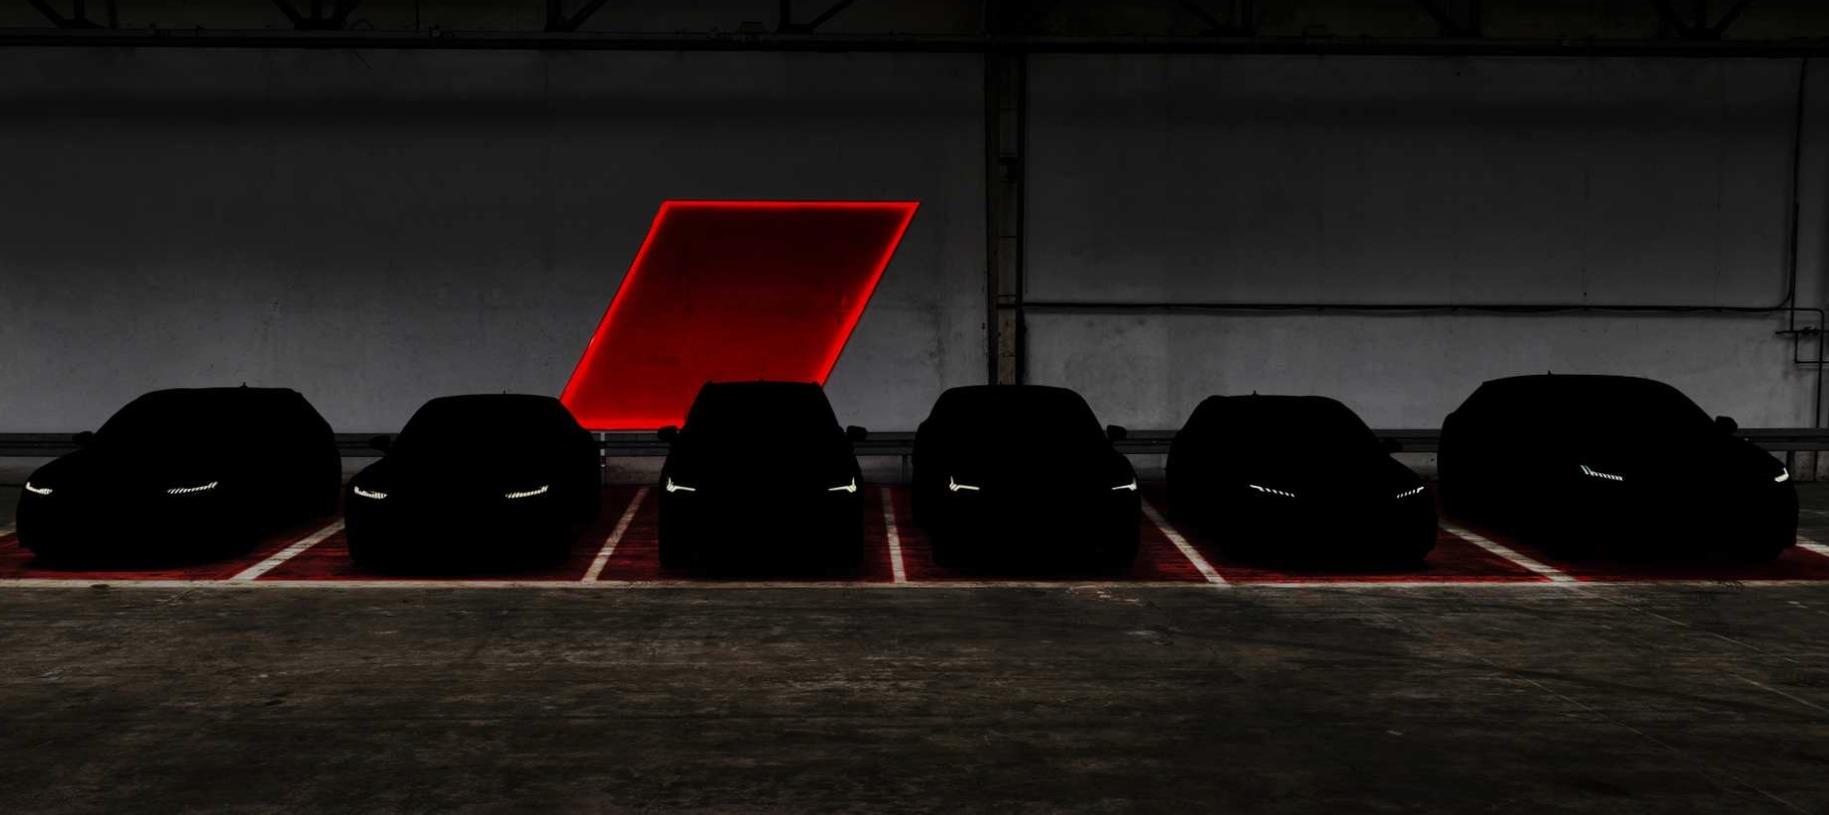 アウディが2019年後半に発売する6台の新型「RSモデル」の価格はいくら?